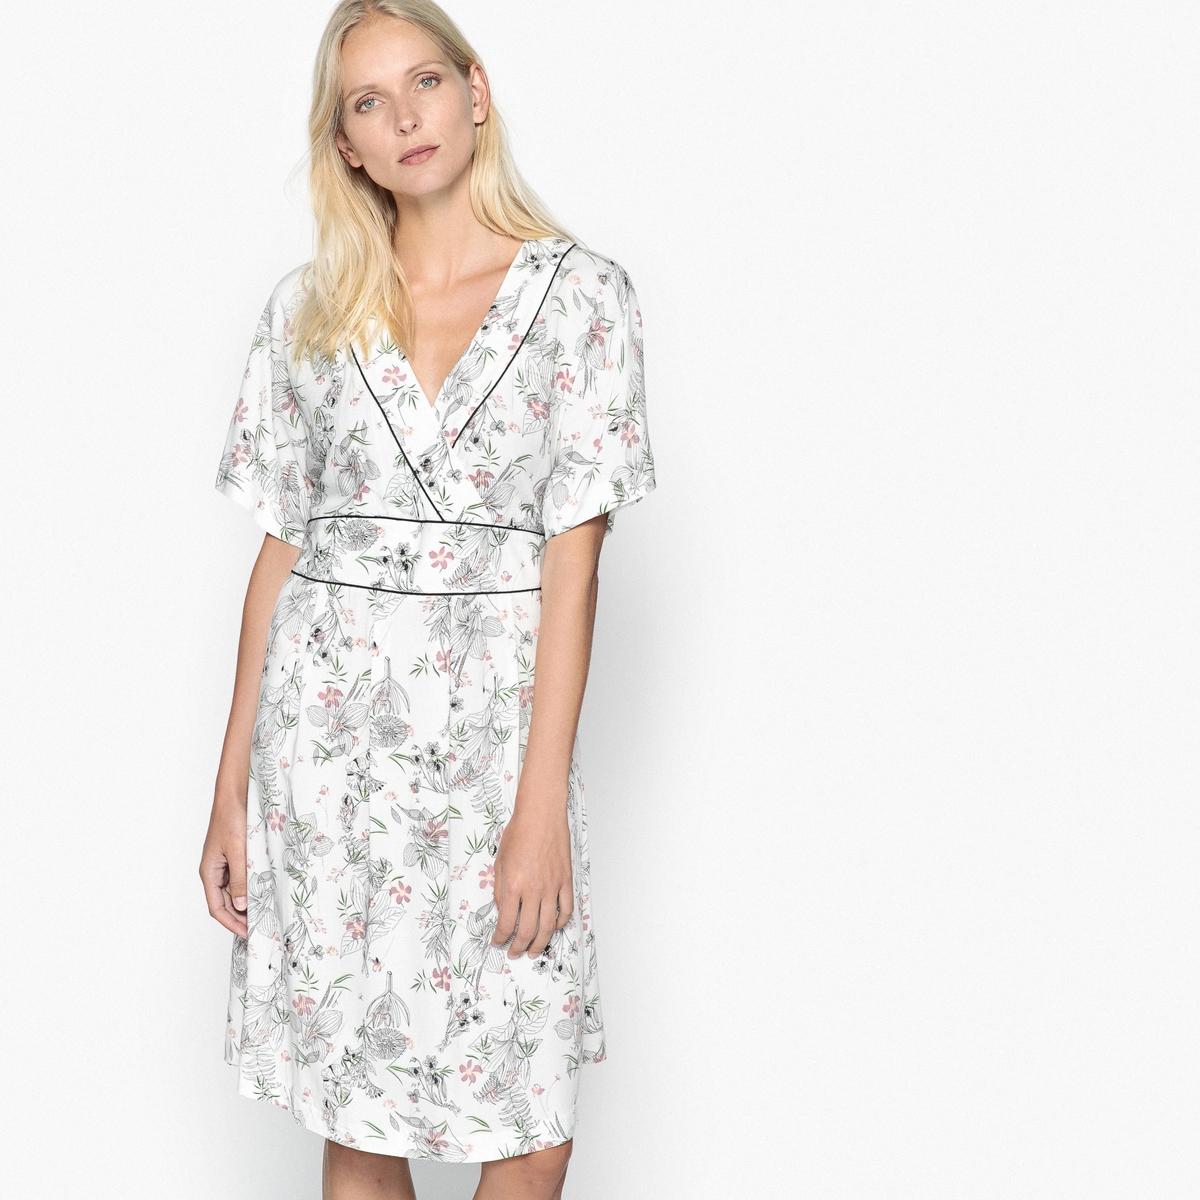 Imagen secundaria de producto de Vestido evasé estampado, semilargo - Anne weyburn